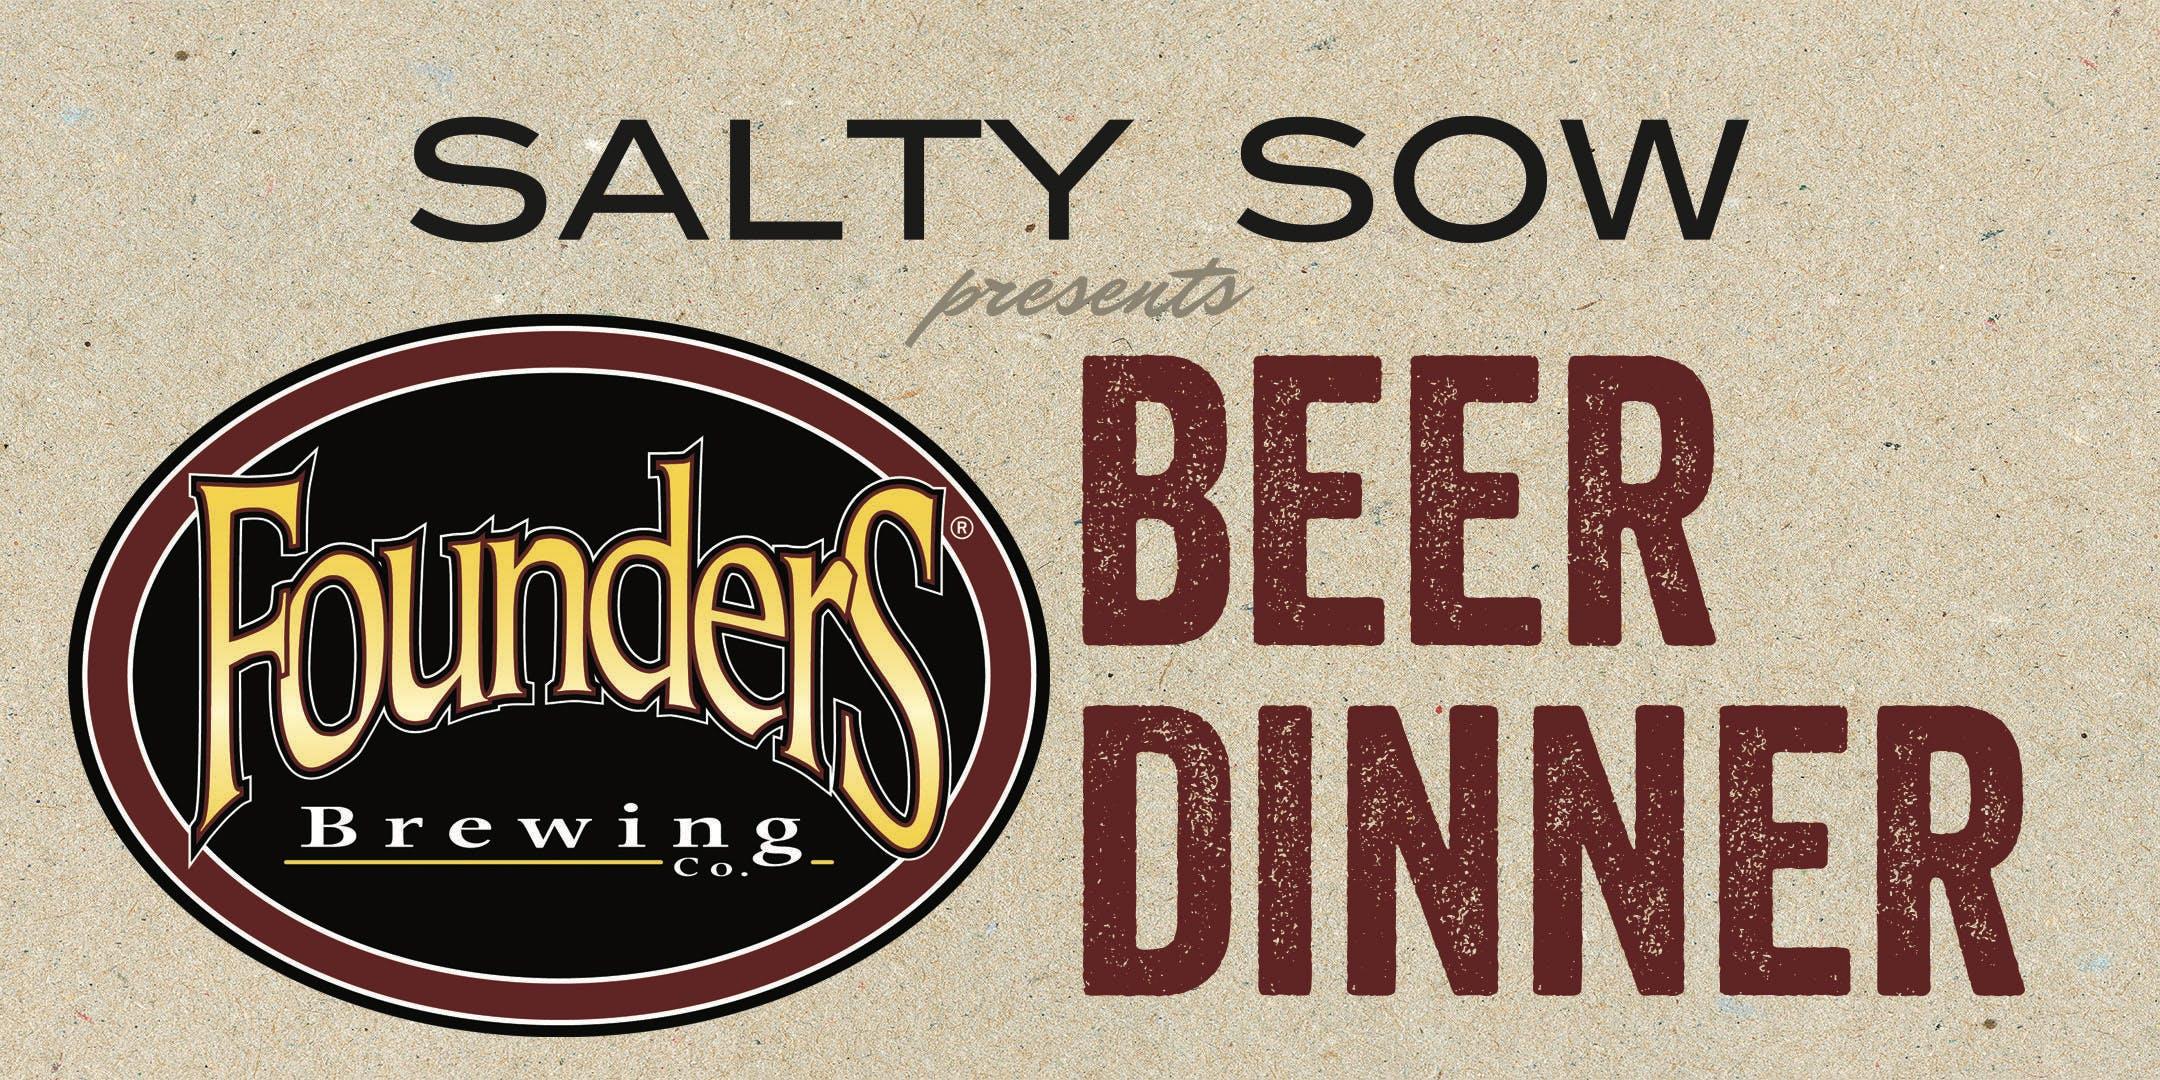 Salty Sow Beer Dinner